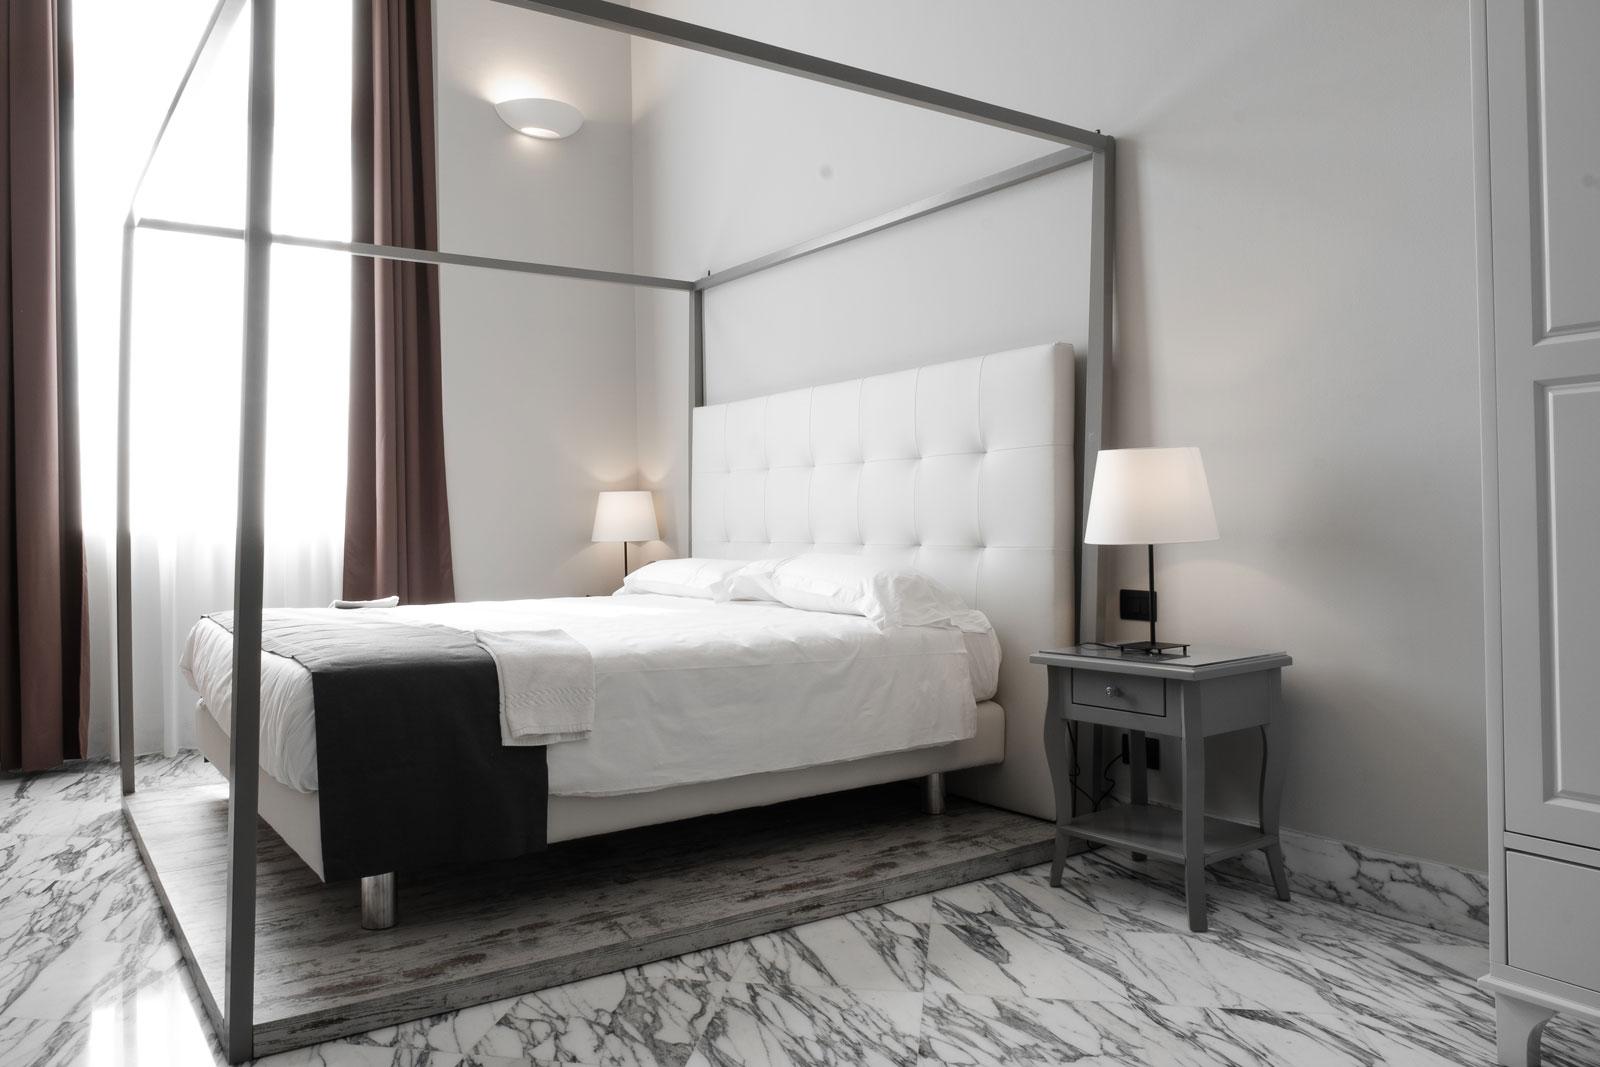 Hotel Letto Rotondo.Suite Hotel De Ville